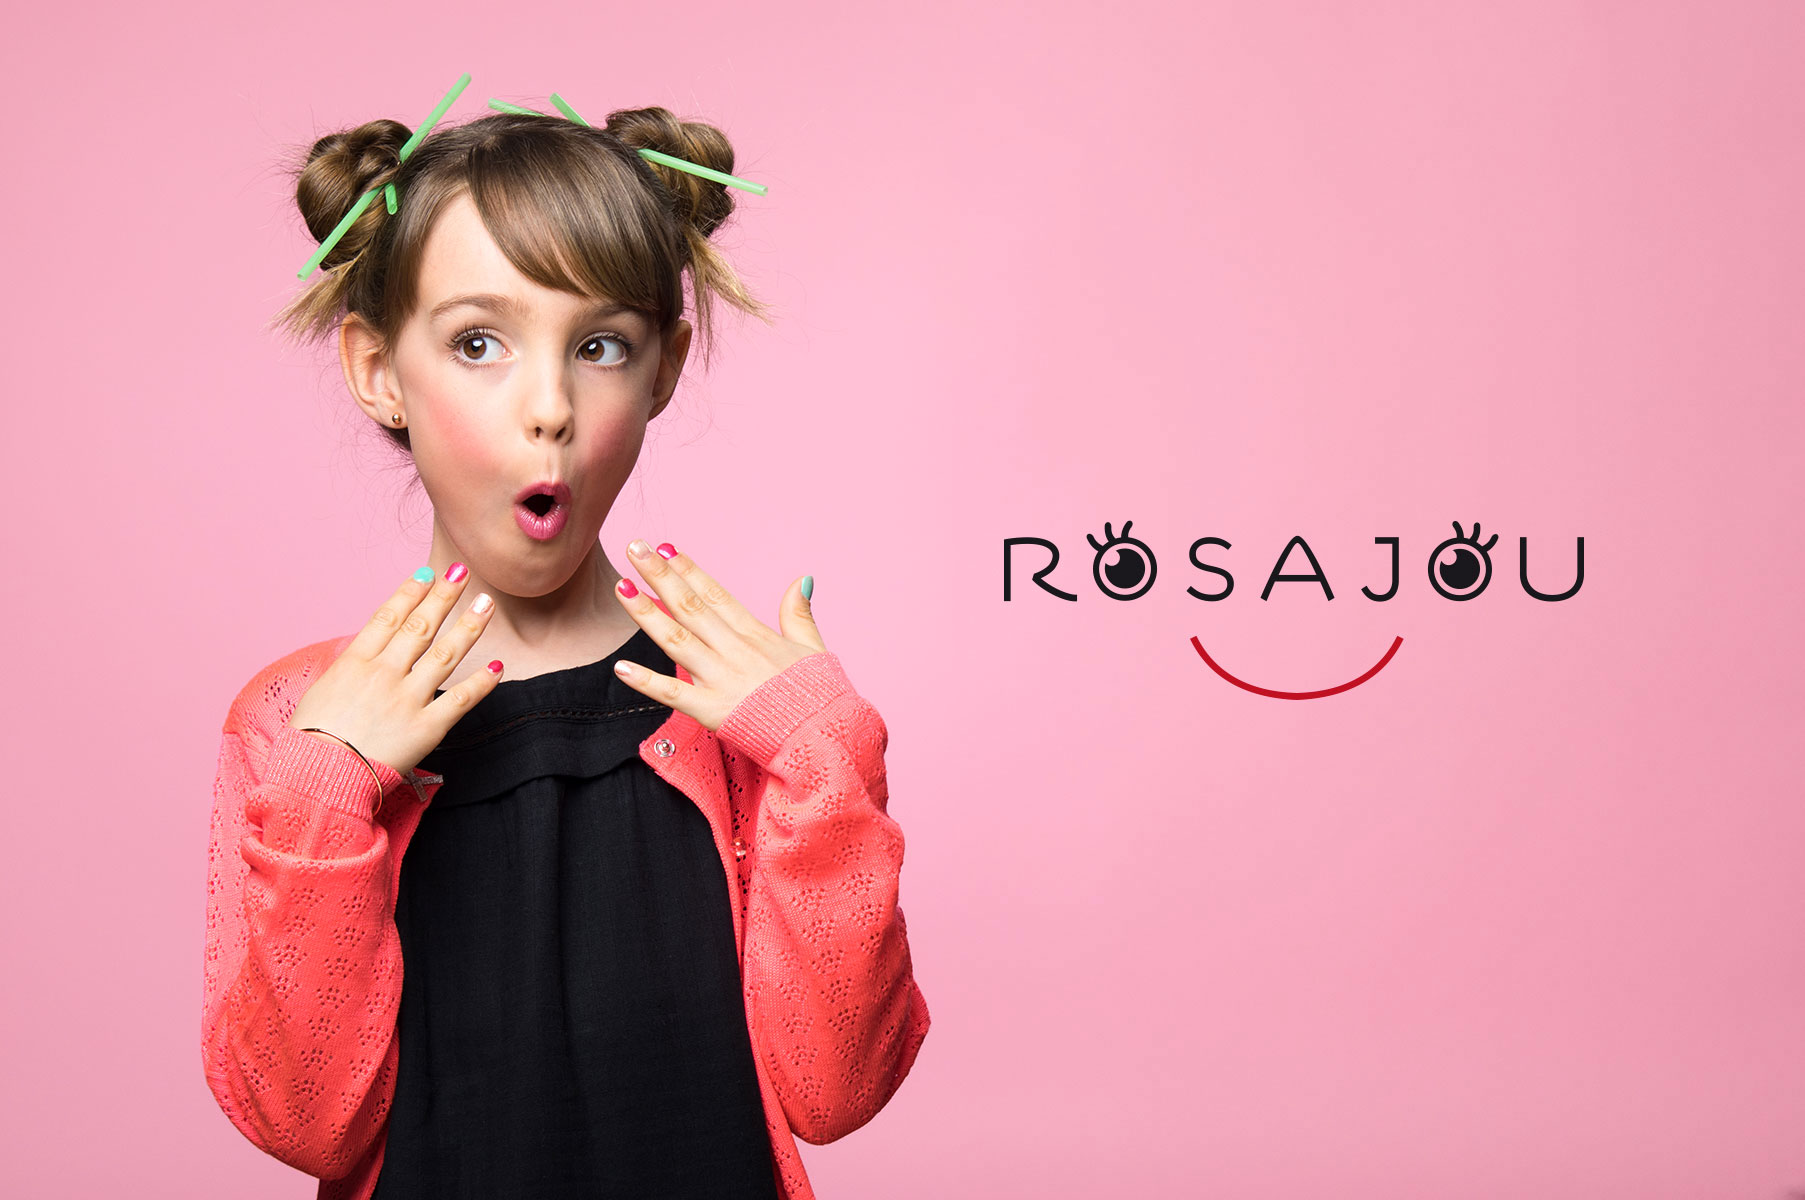 rosajou, marque de maquillage pour petites filles